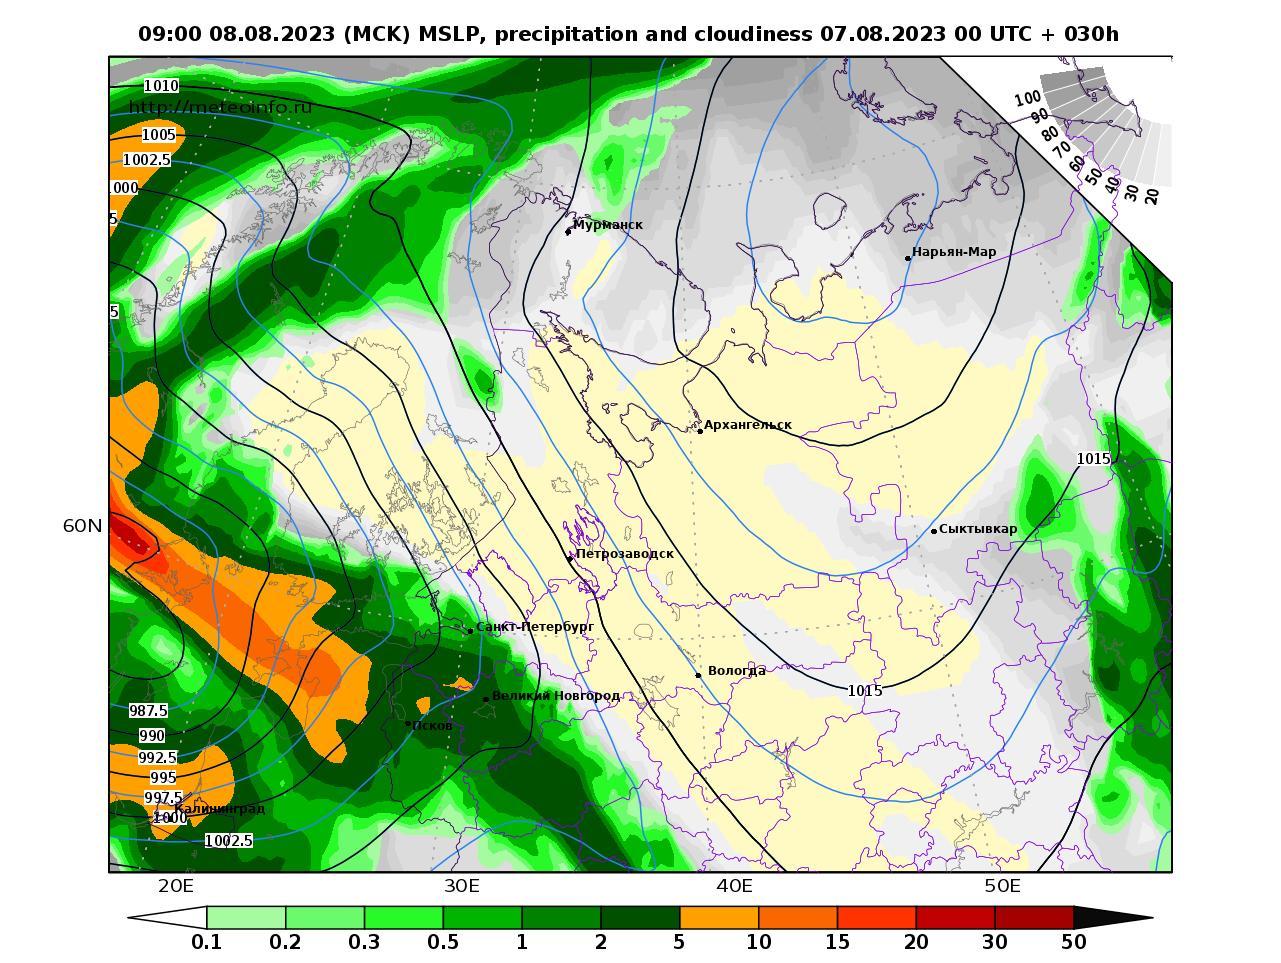 Северо-Западный Федеральный округ, прогностическая карта осадки и давление, заблаговременность прогноза 30 часов